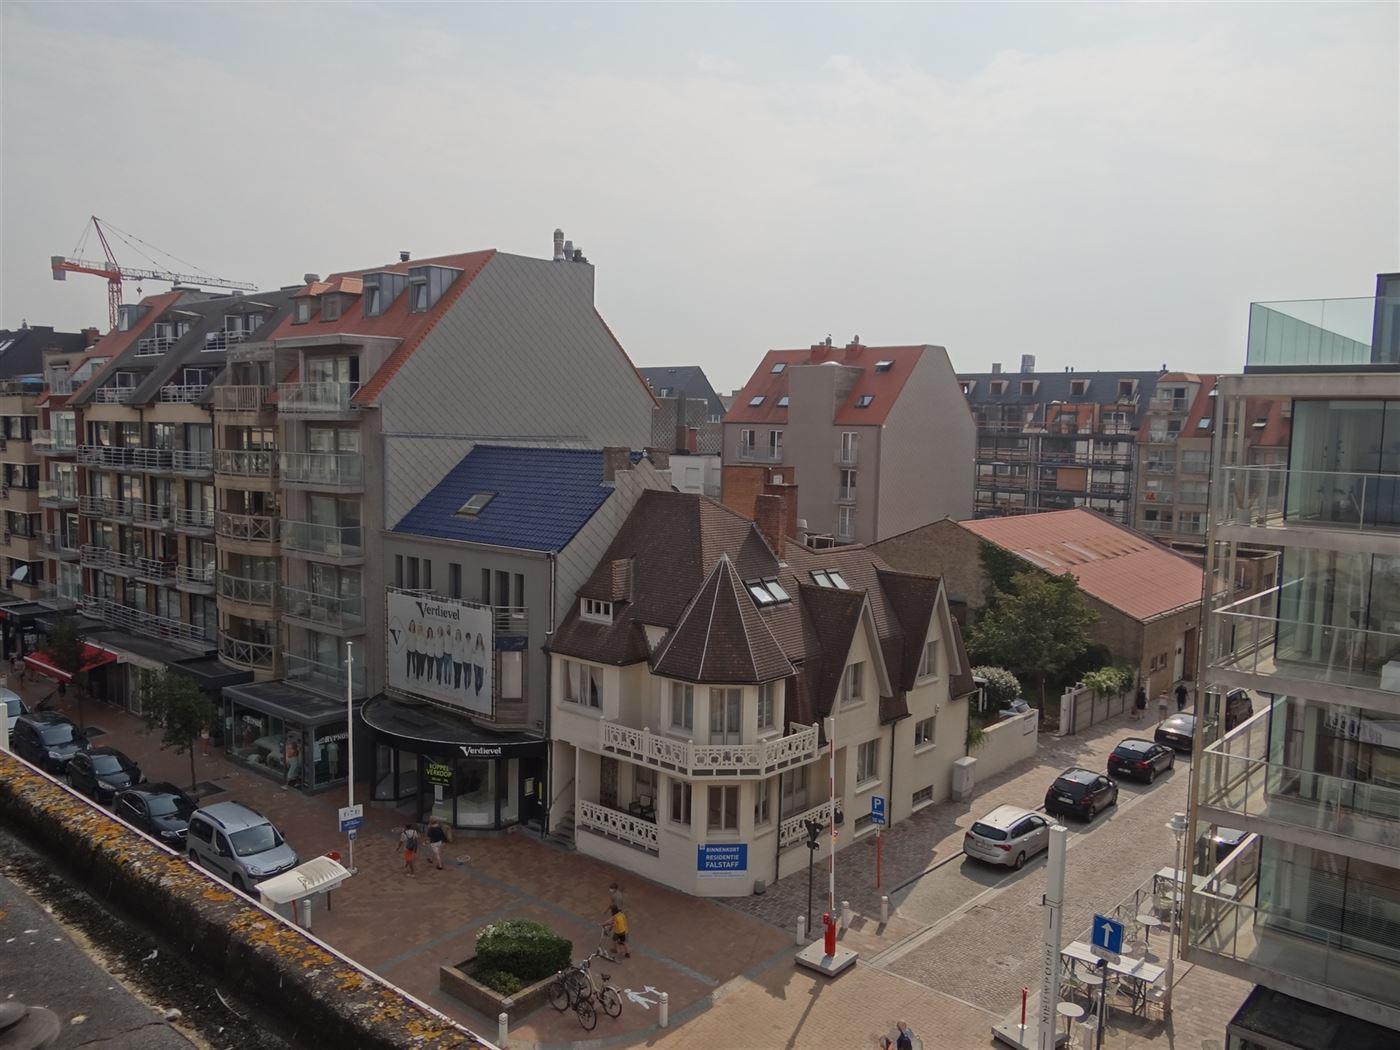 Res. Falstaff 0503 - Zonnig nieuwbouwappartement met 3  slaapkamers - Gelegen op de vijfde verdieping in de Goethalsstraat - Inkom met gastentoilet en...